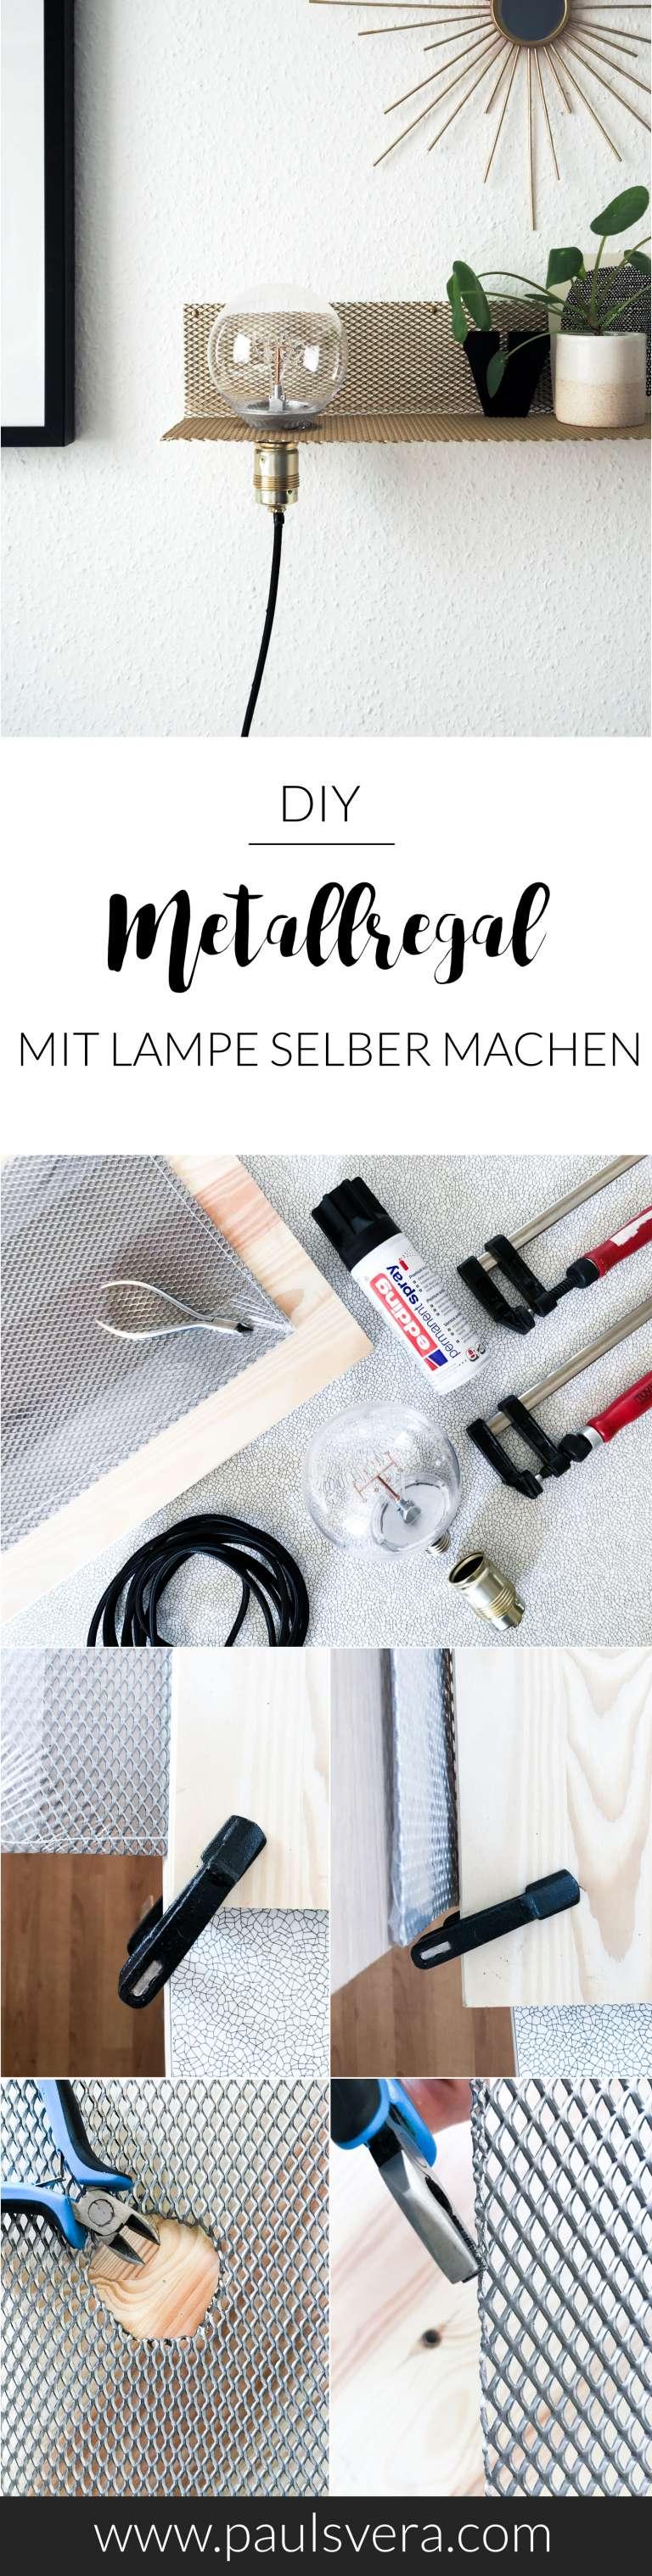 Anleitungsschritte DIY Metallregal für die Wand